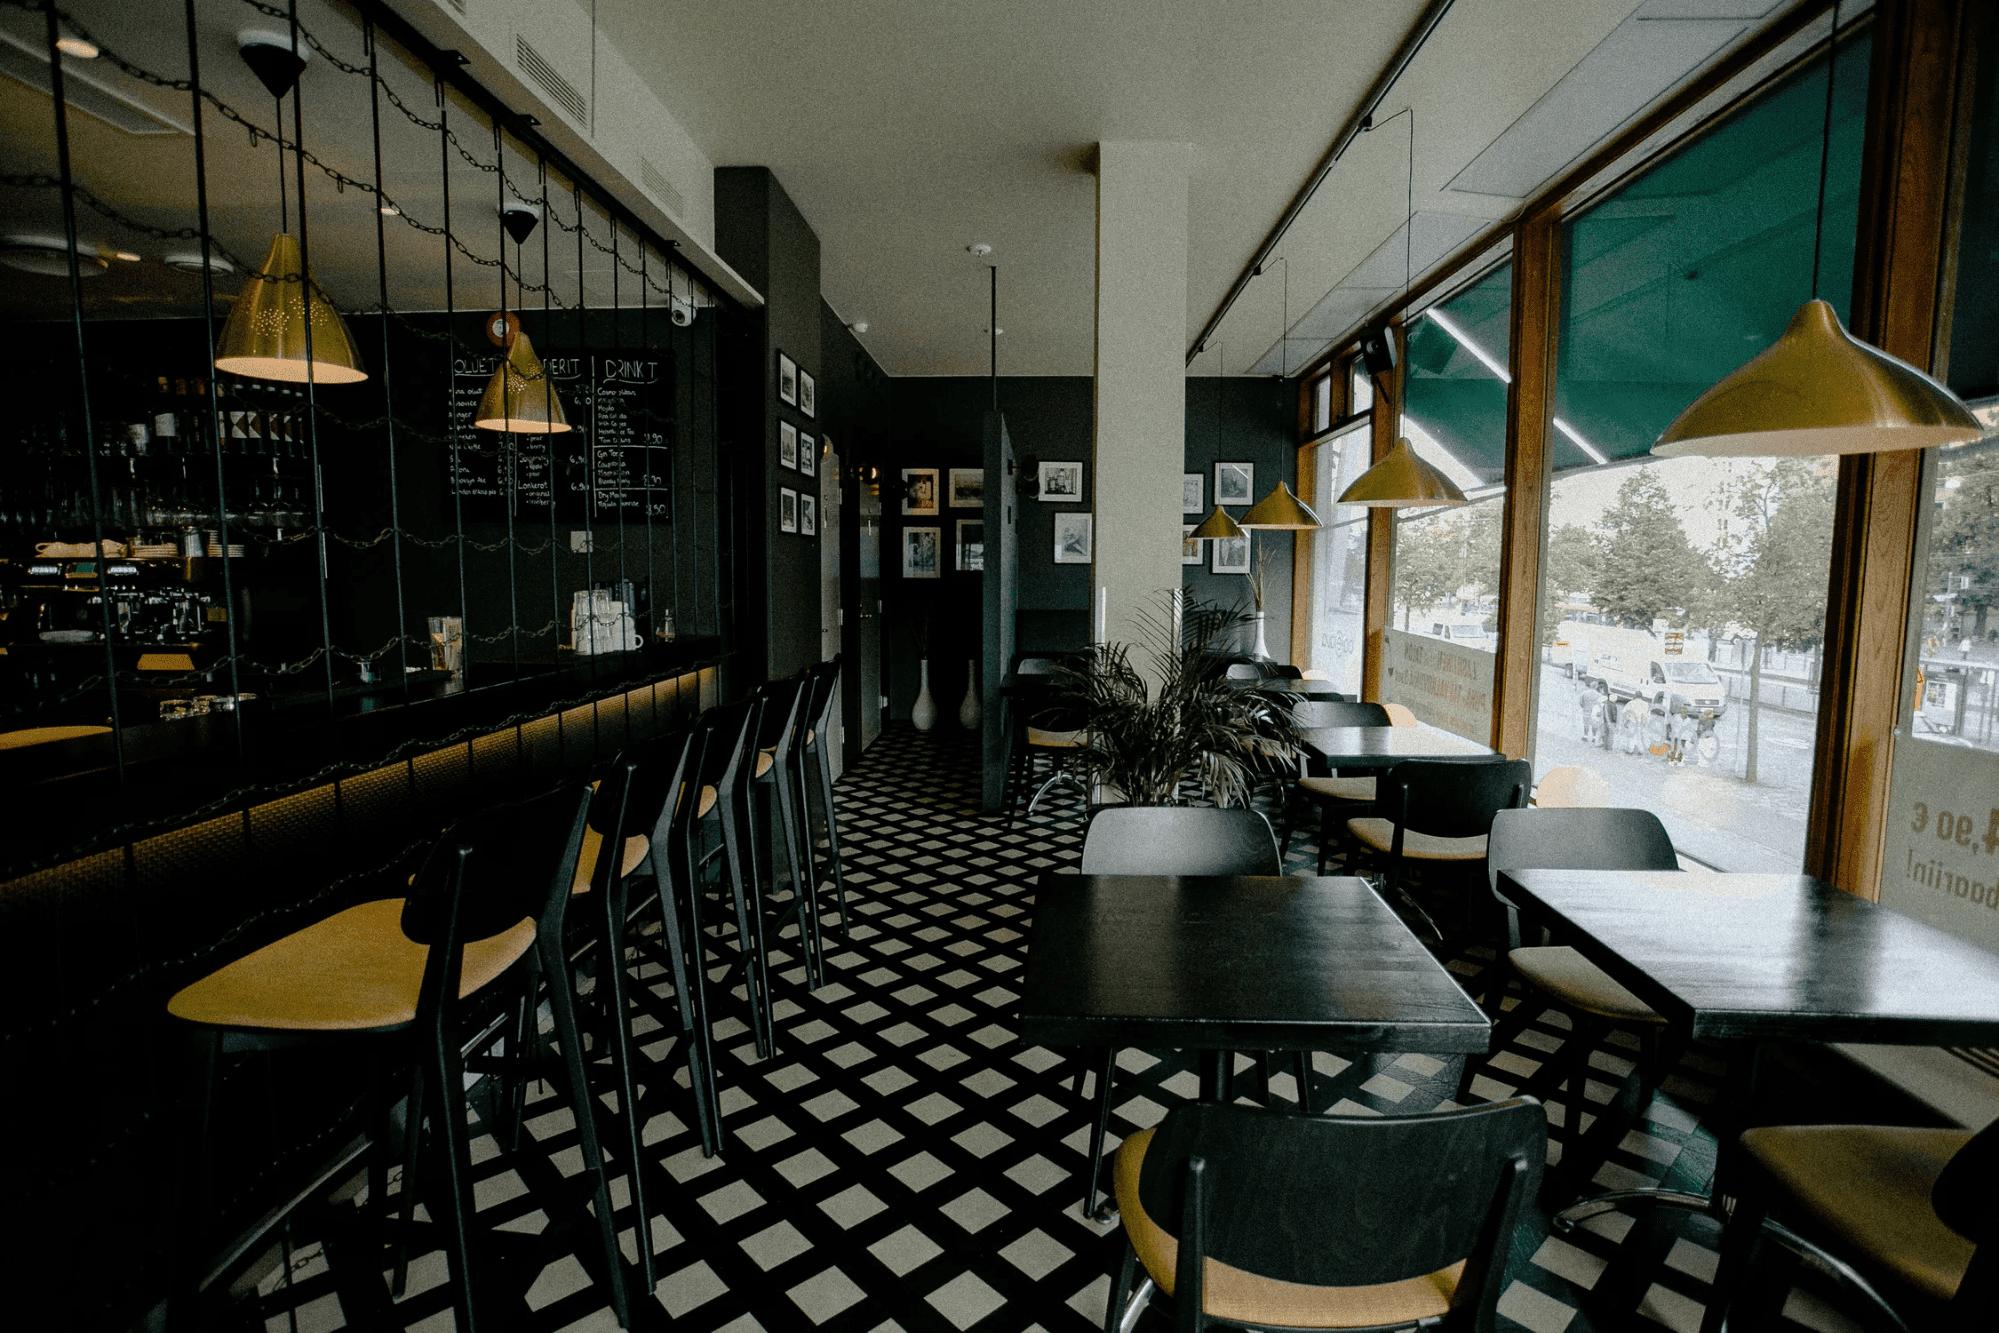 Inside a diner